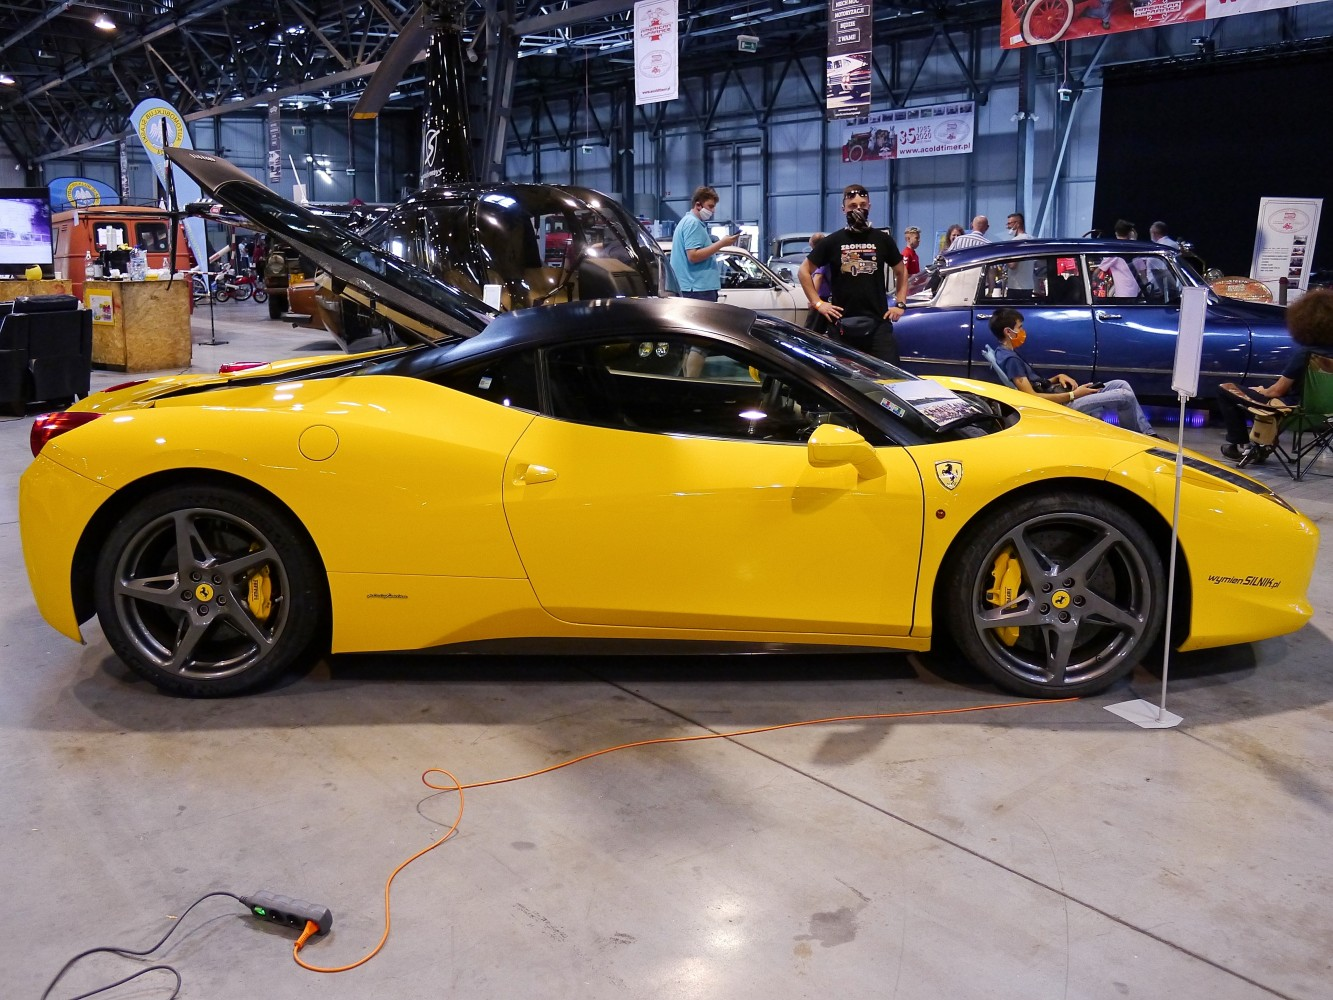 Kliknij obrazek, aby uzyskać większą wersję  Nazwa:Ferrari 458.jpg Wyświetleń:60 Rozmiar:343,2 KB ID:232440